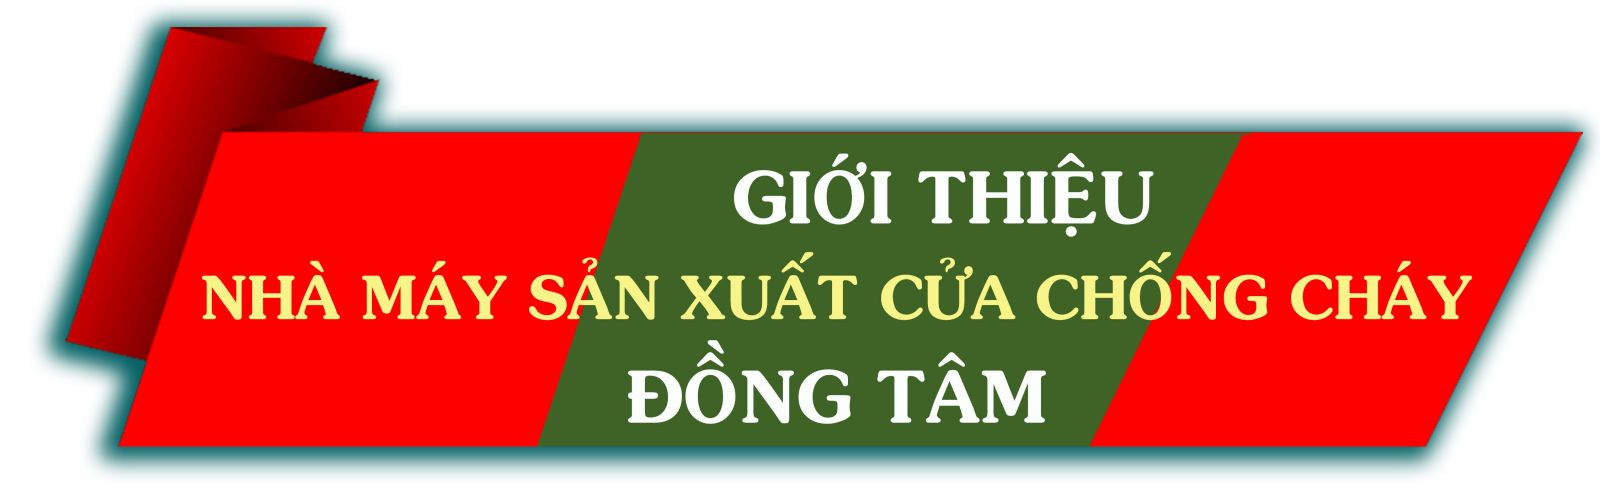 cua chong chay